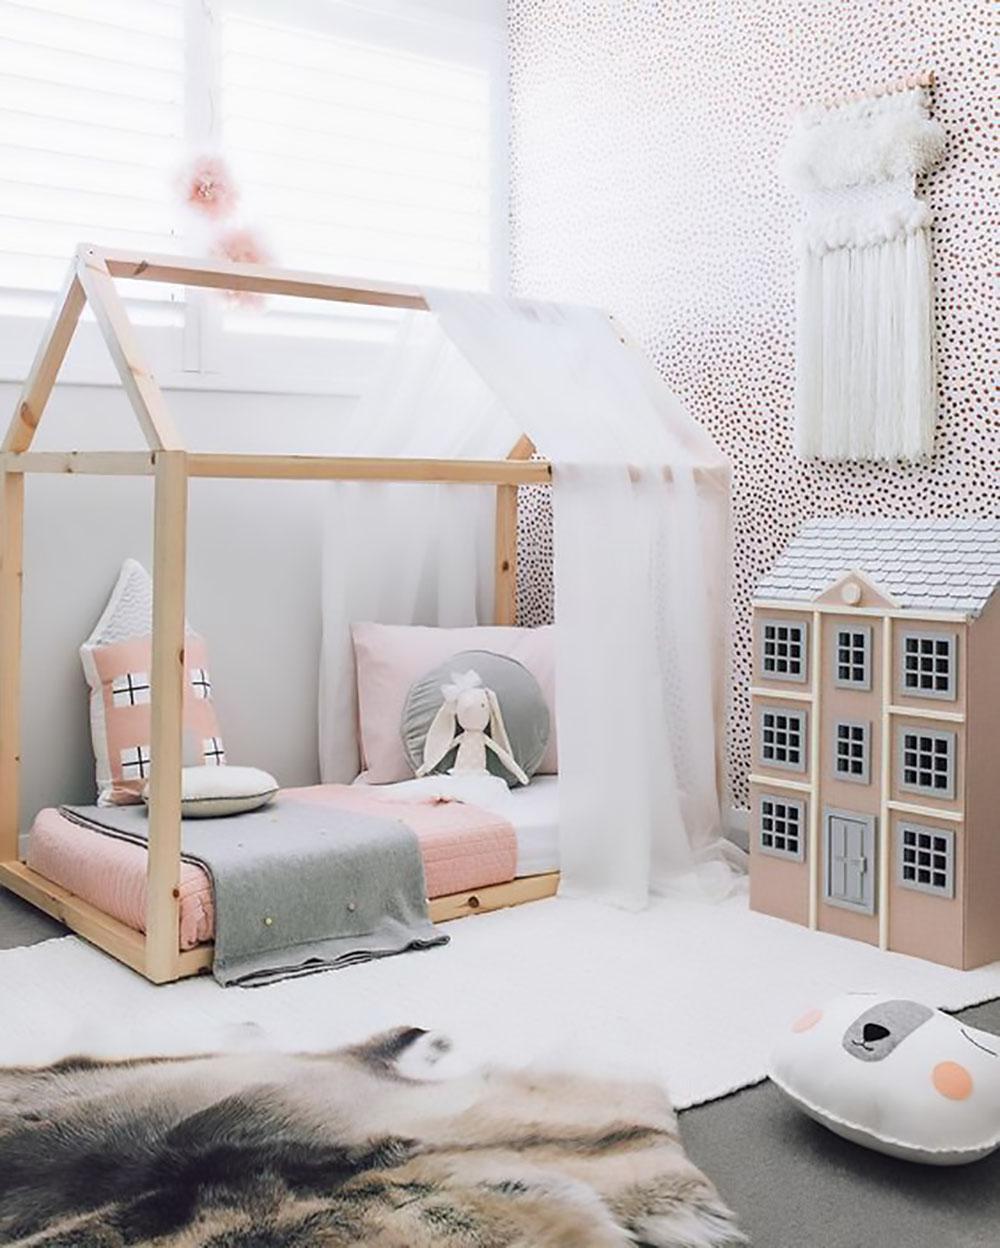 house frame floor bed in girls room